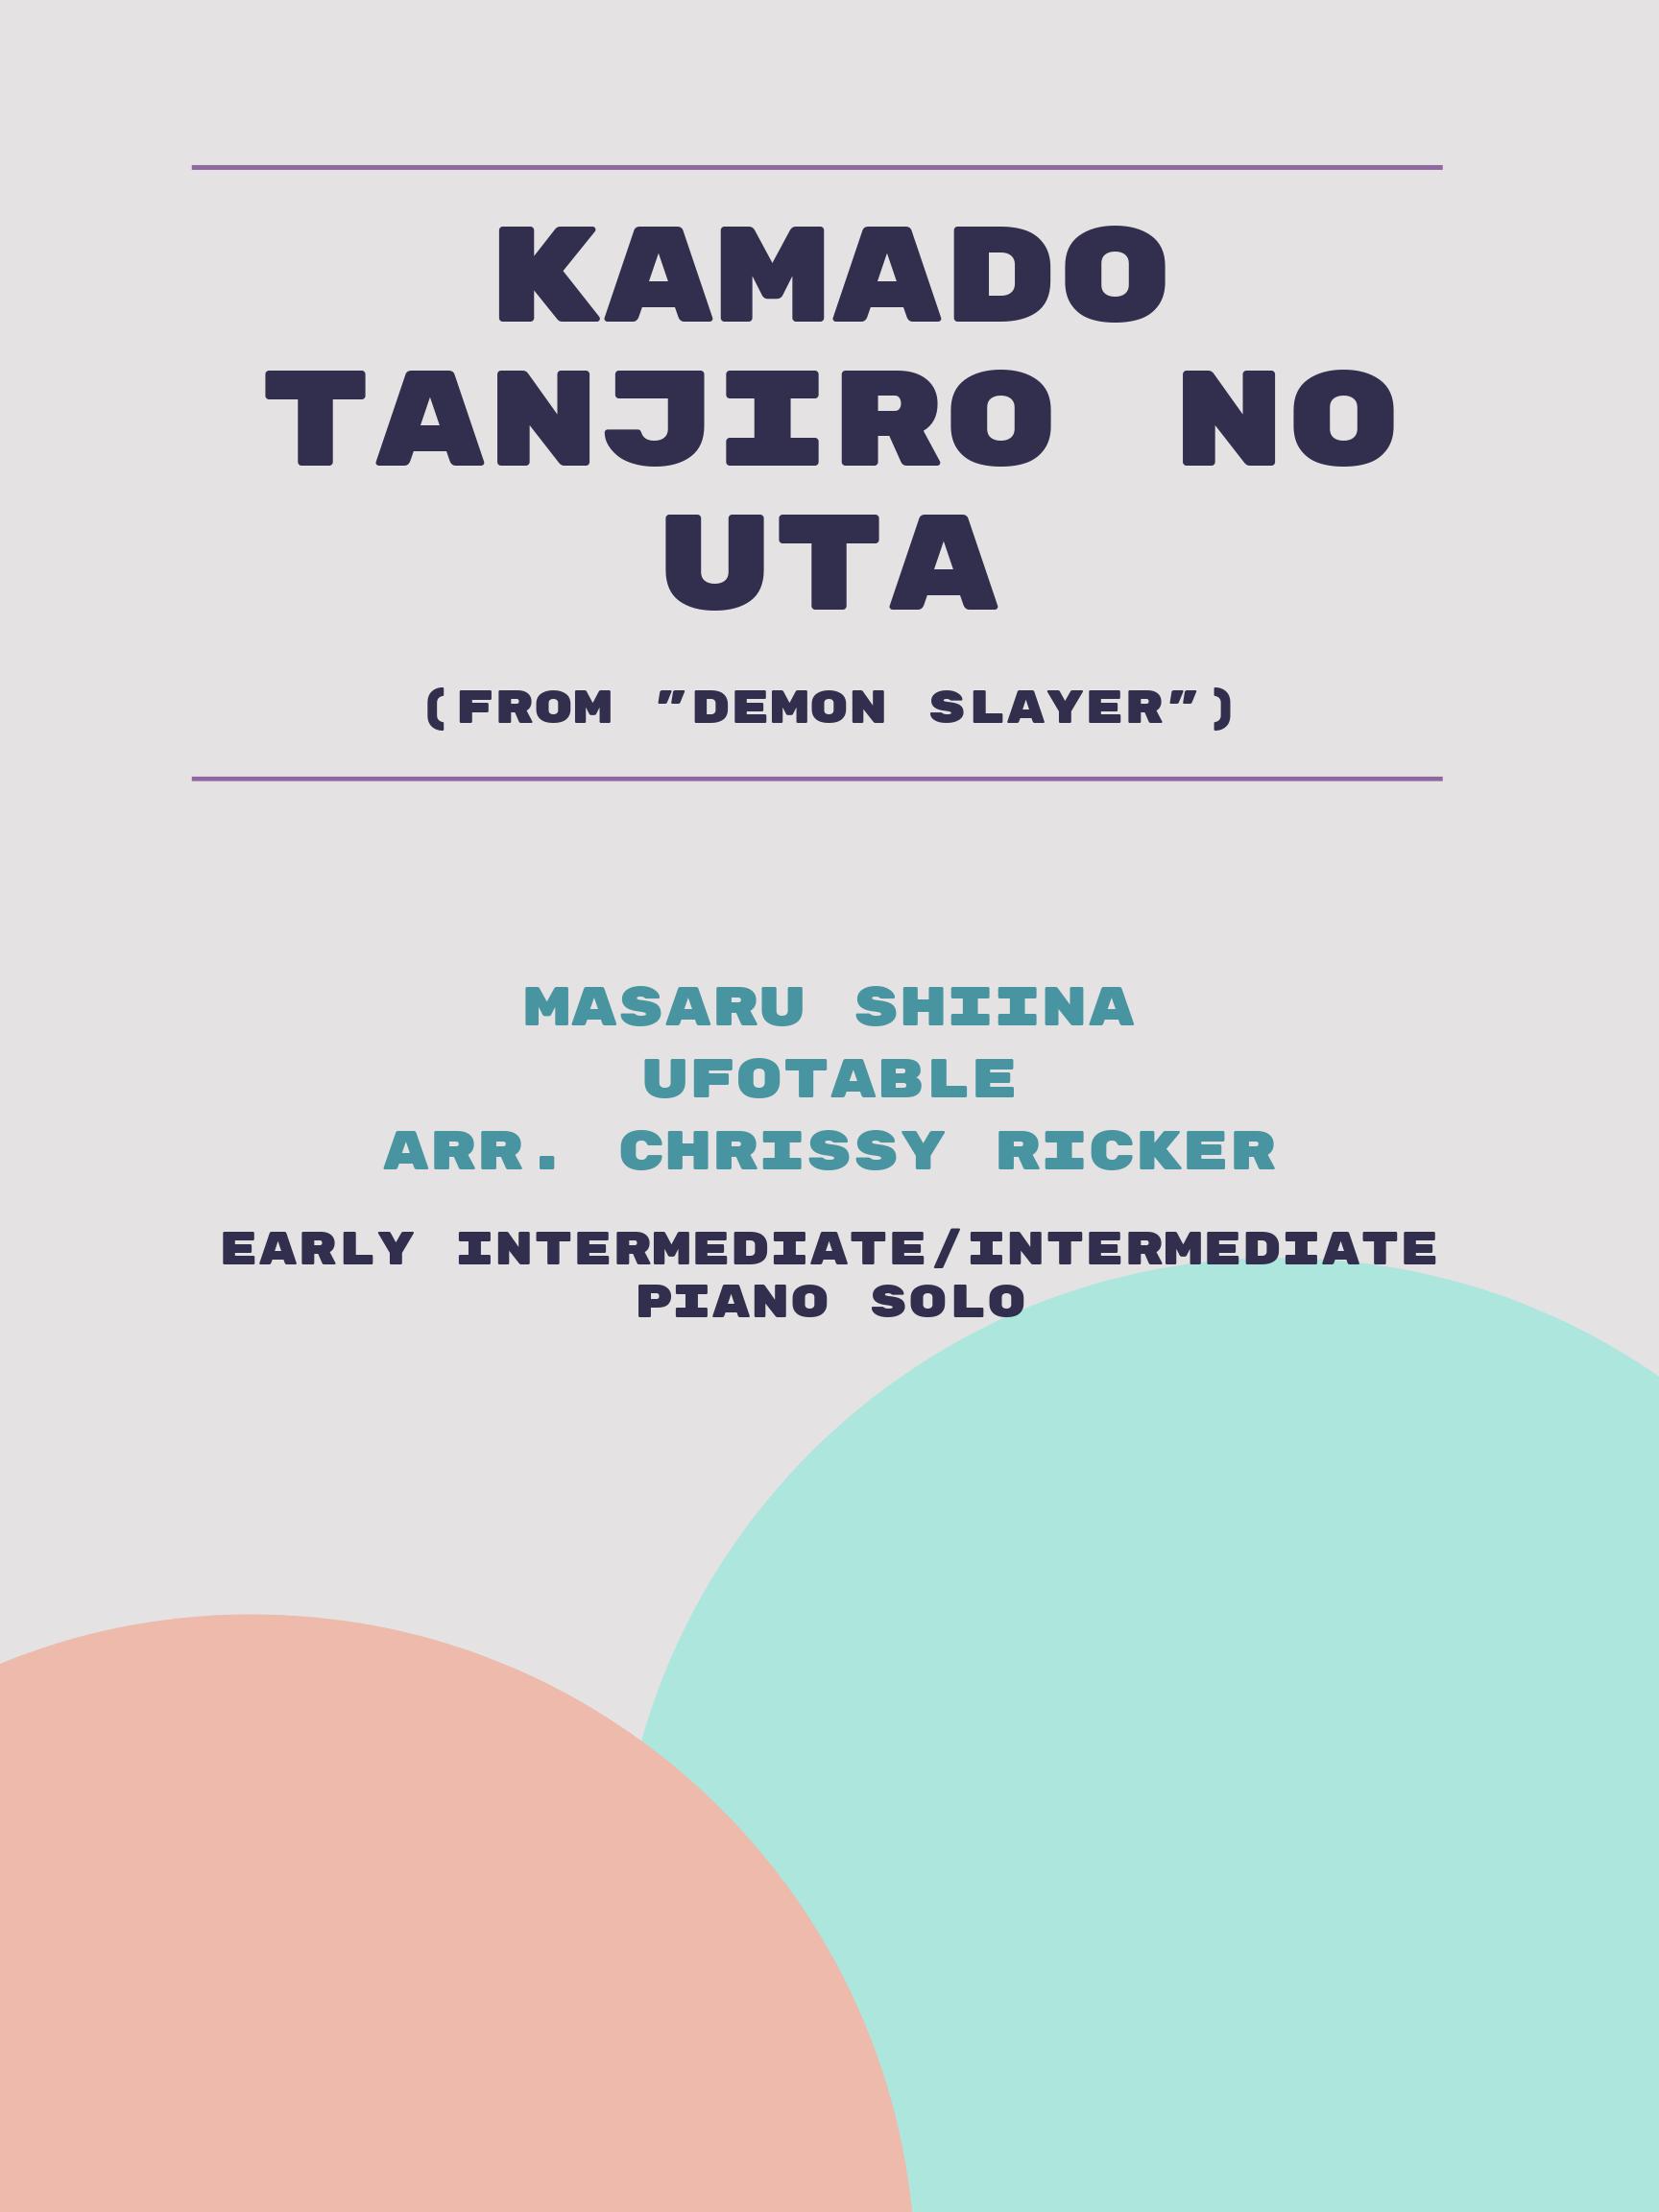 Kamado Tanjiro no Uta by Masaru Shiina, ufotable